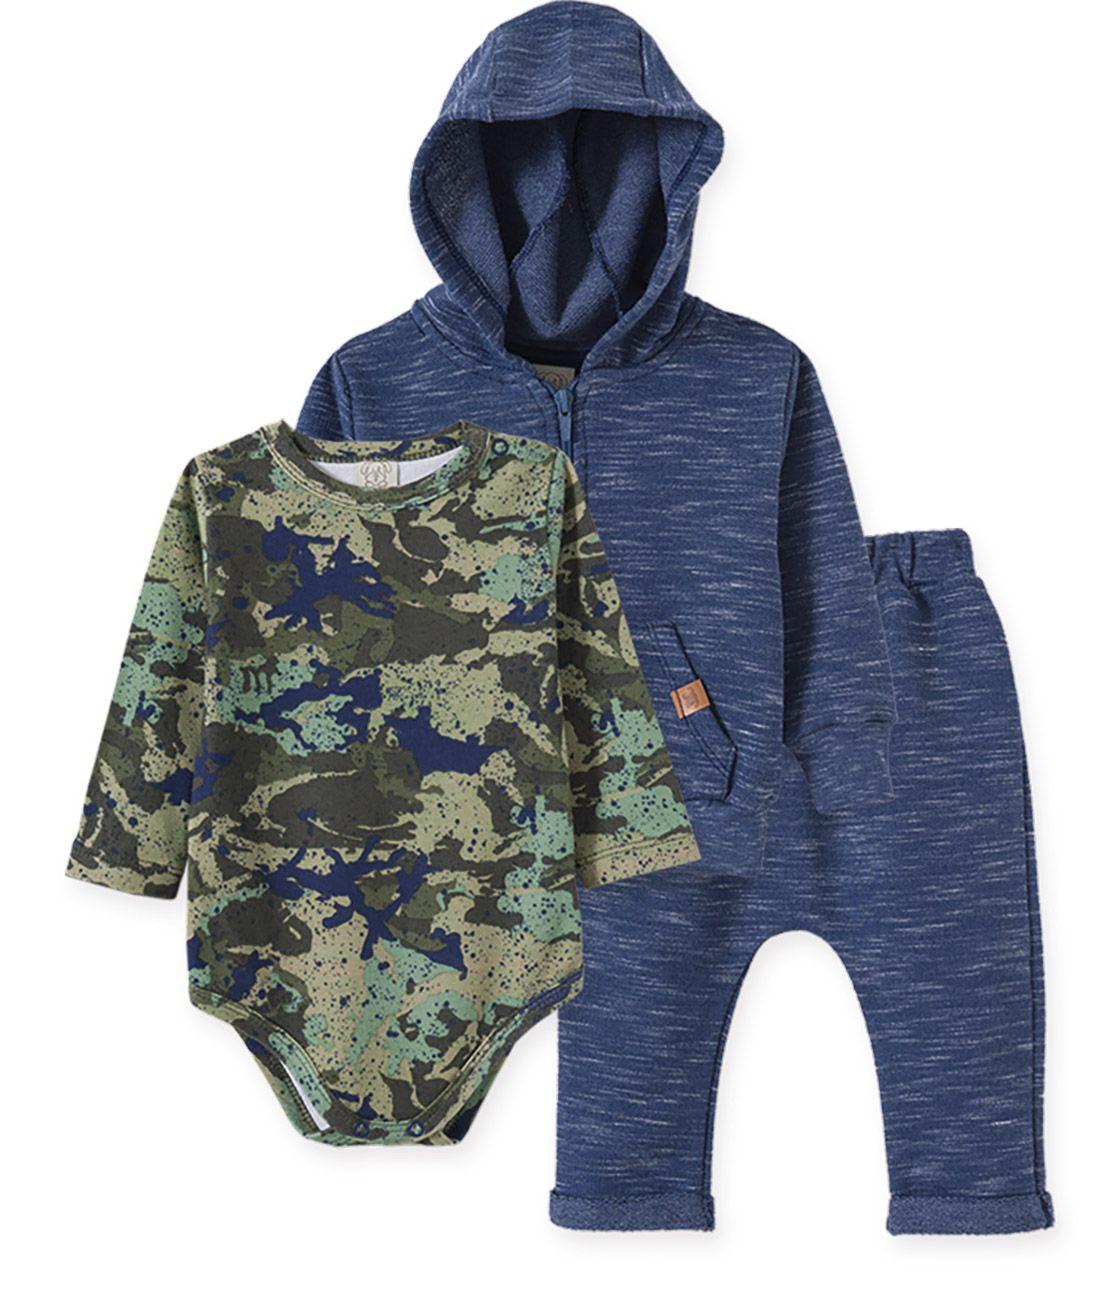 Conjunto Body manga longa, Calça Saruel e Casaco com capuz Pingo Lelê camuflado e azul